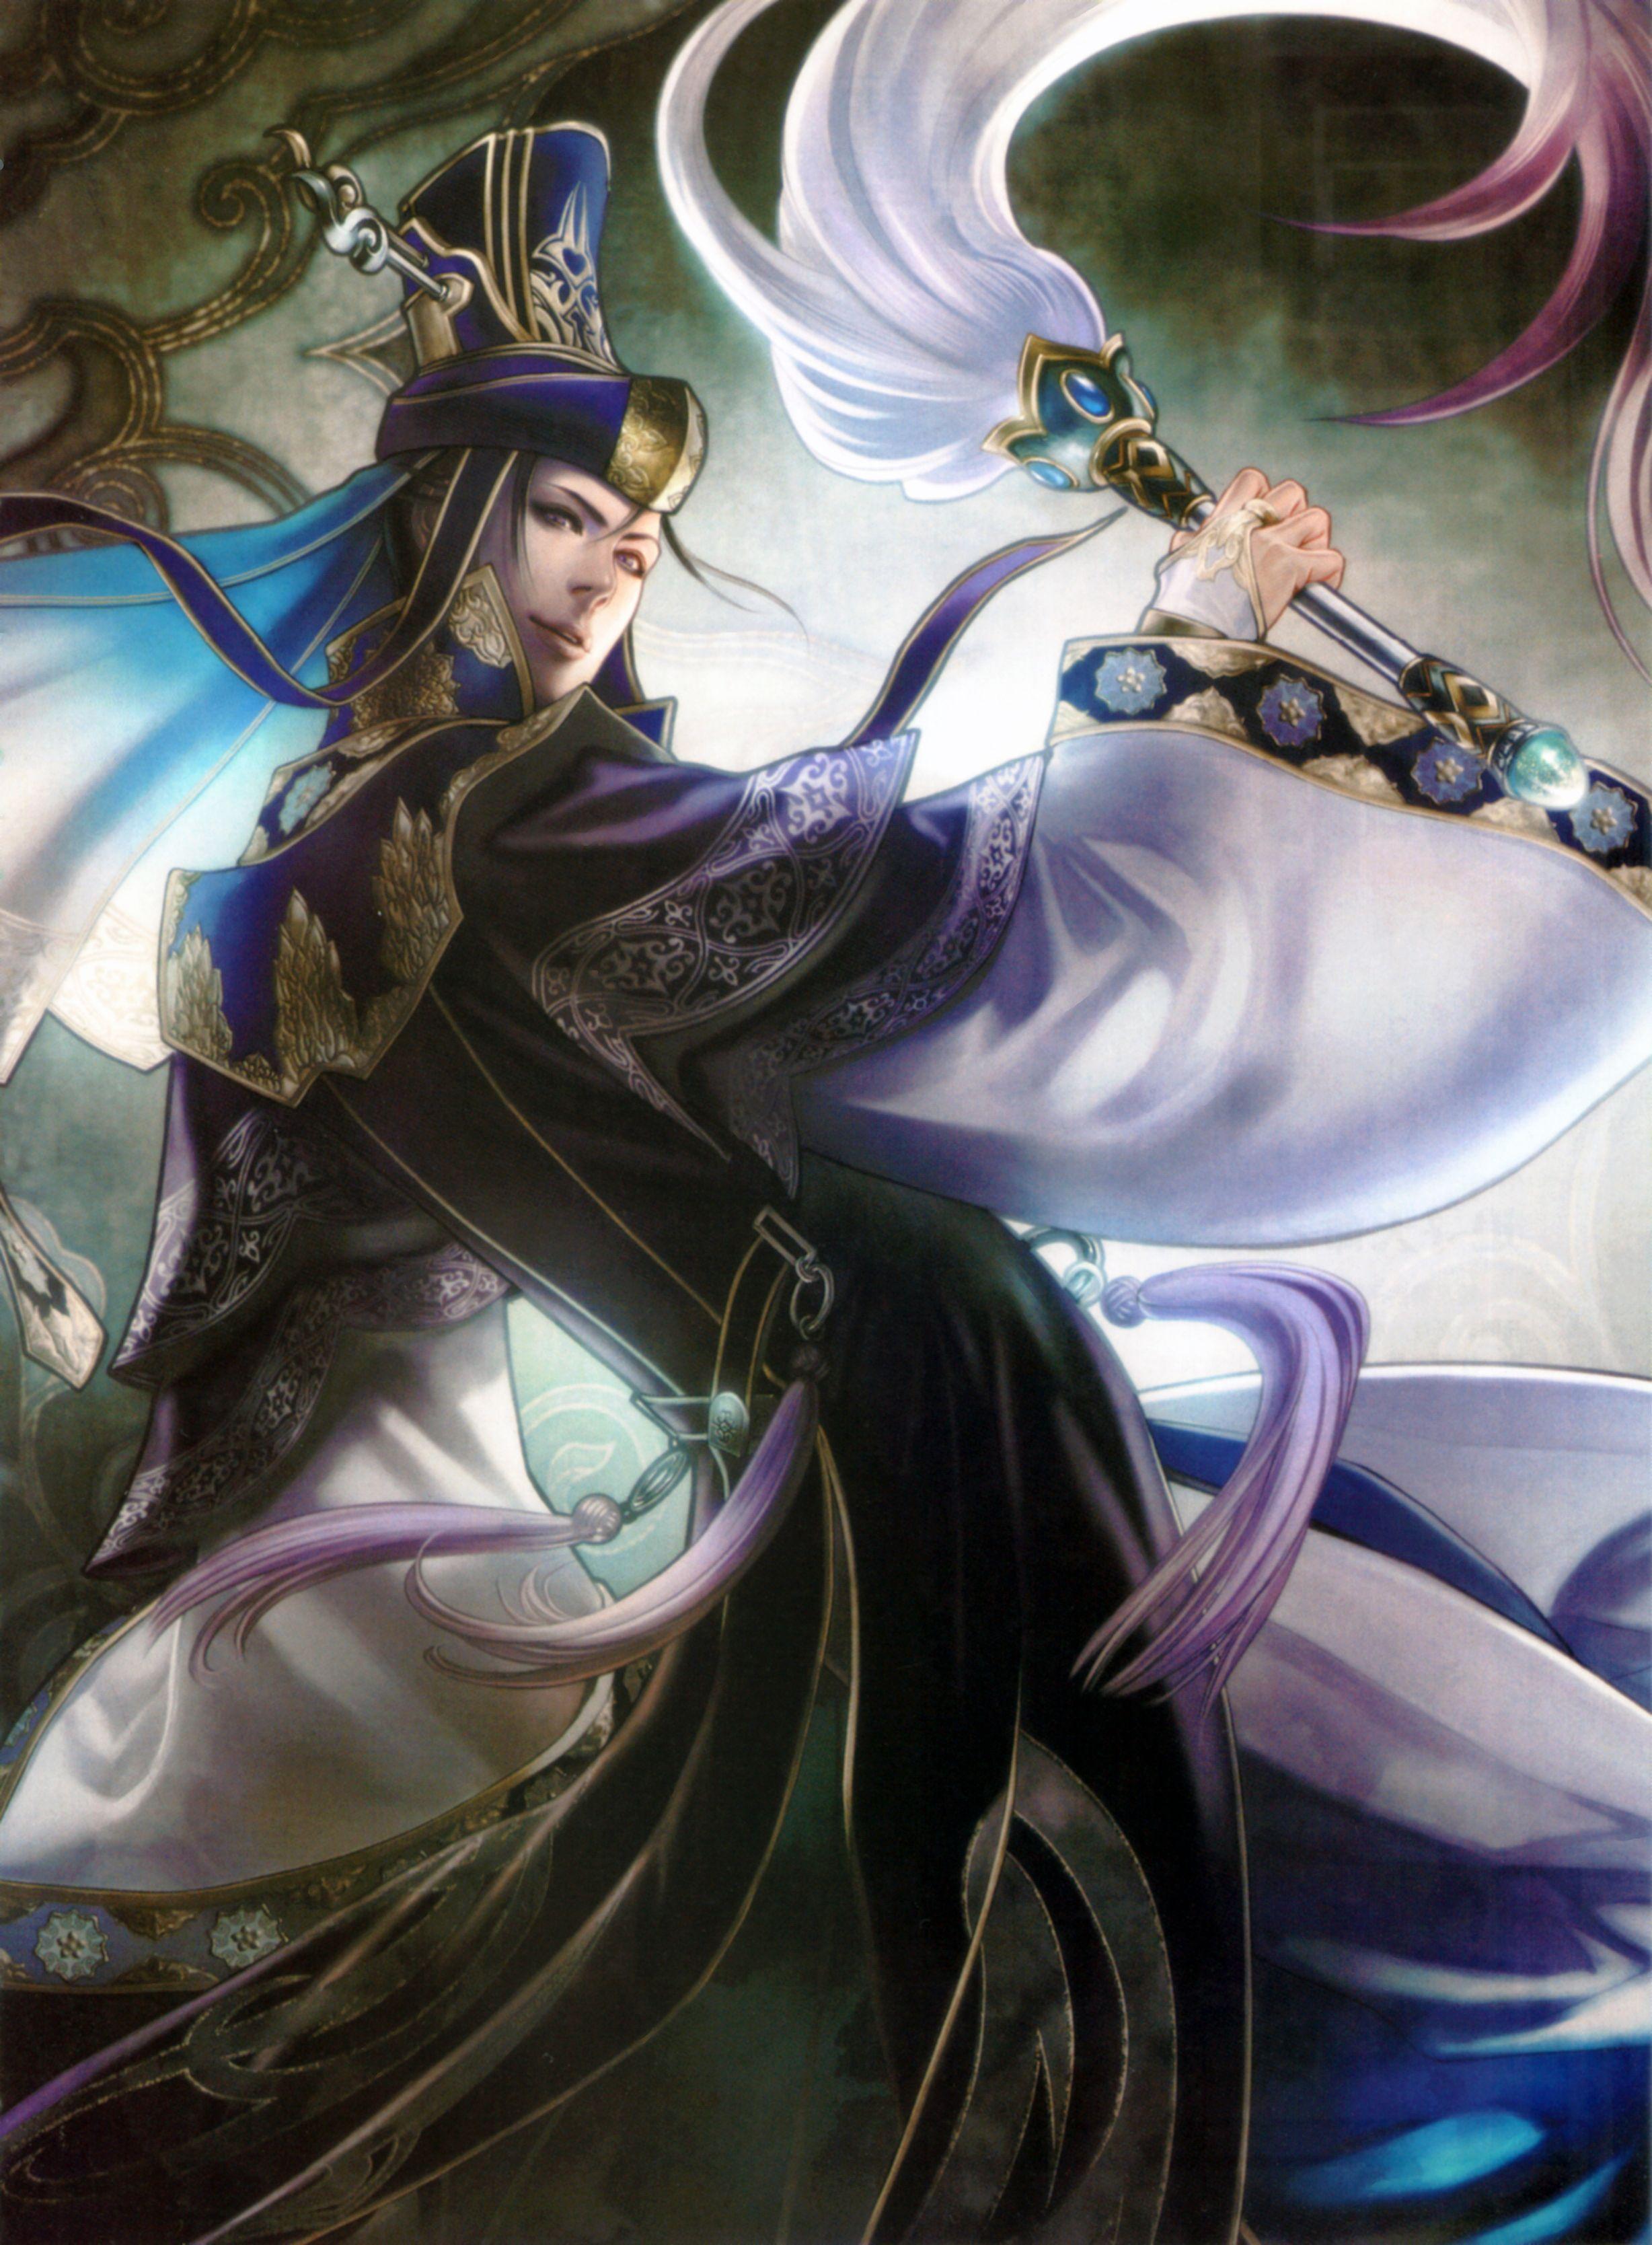 Sima Yi Dynasty warriors, Samurai warrior, Warrior